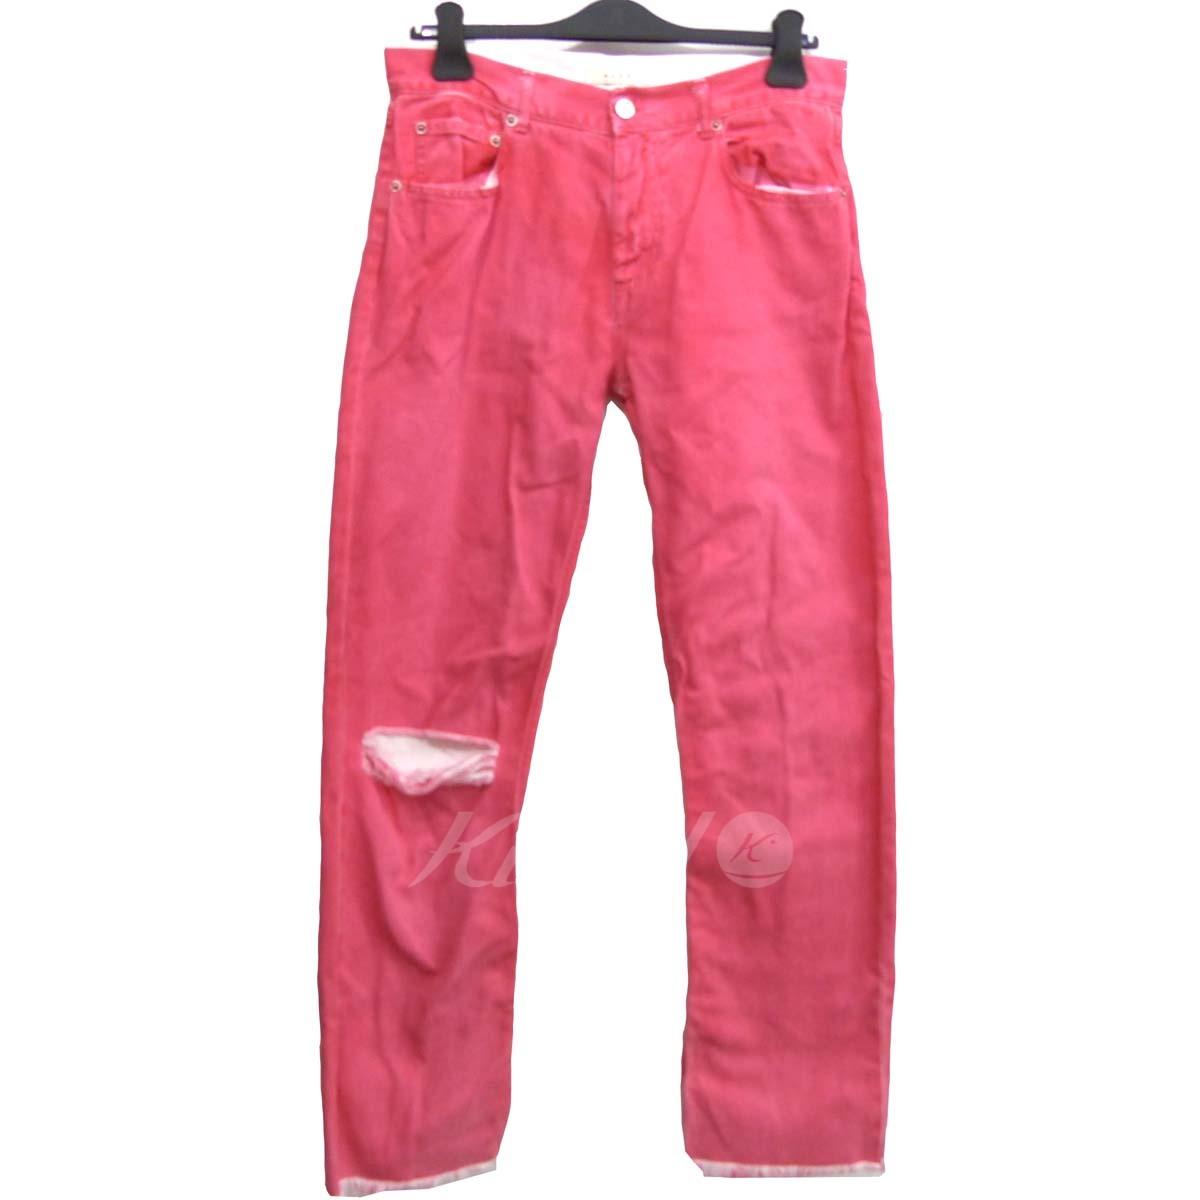 【中古】ALYX 「Fringed Cuff Relaxed Jean」カットオフヘム ジーンズ デニムパンツ 【送料無料】 【093712】 【KIND1550】